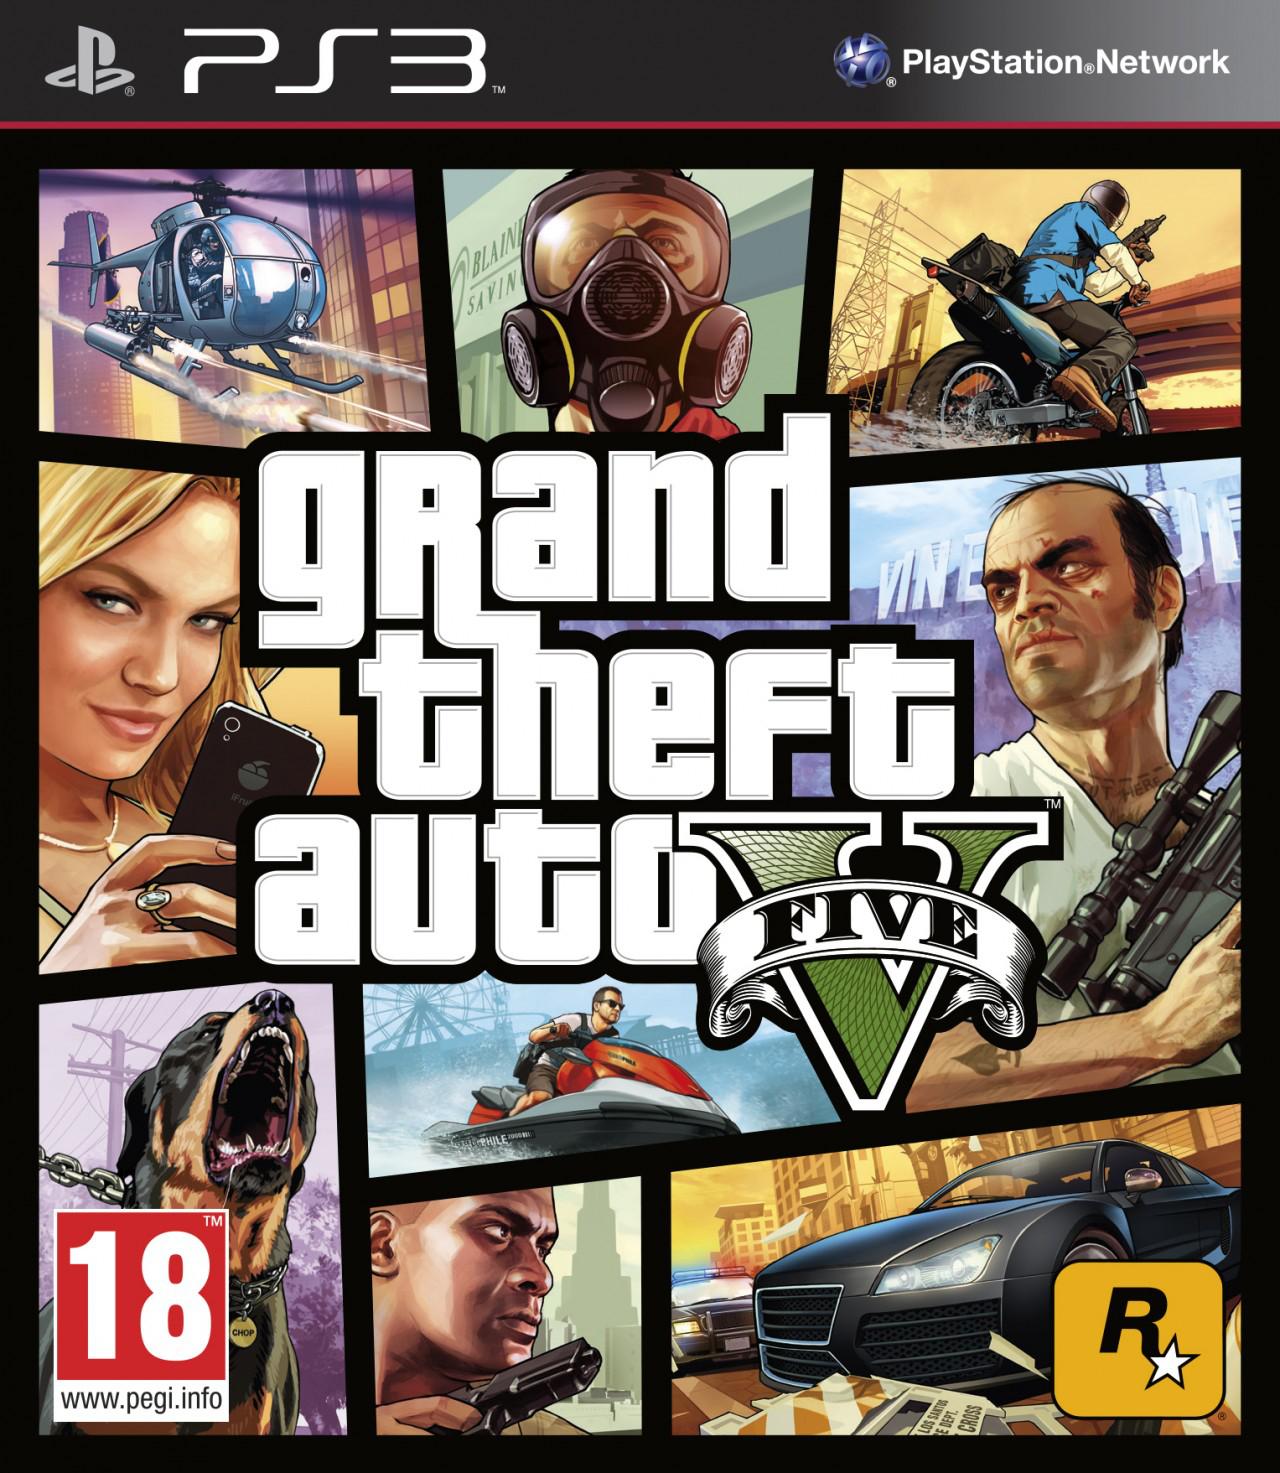 GTA 5  sur XBOX 360 et PS3  (-10 € via l'application Skyrock), l'unité